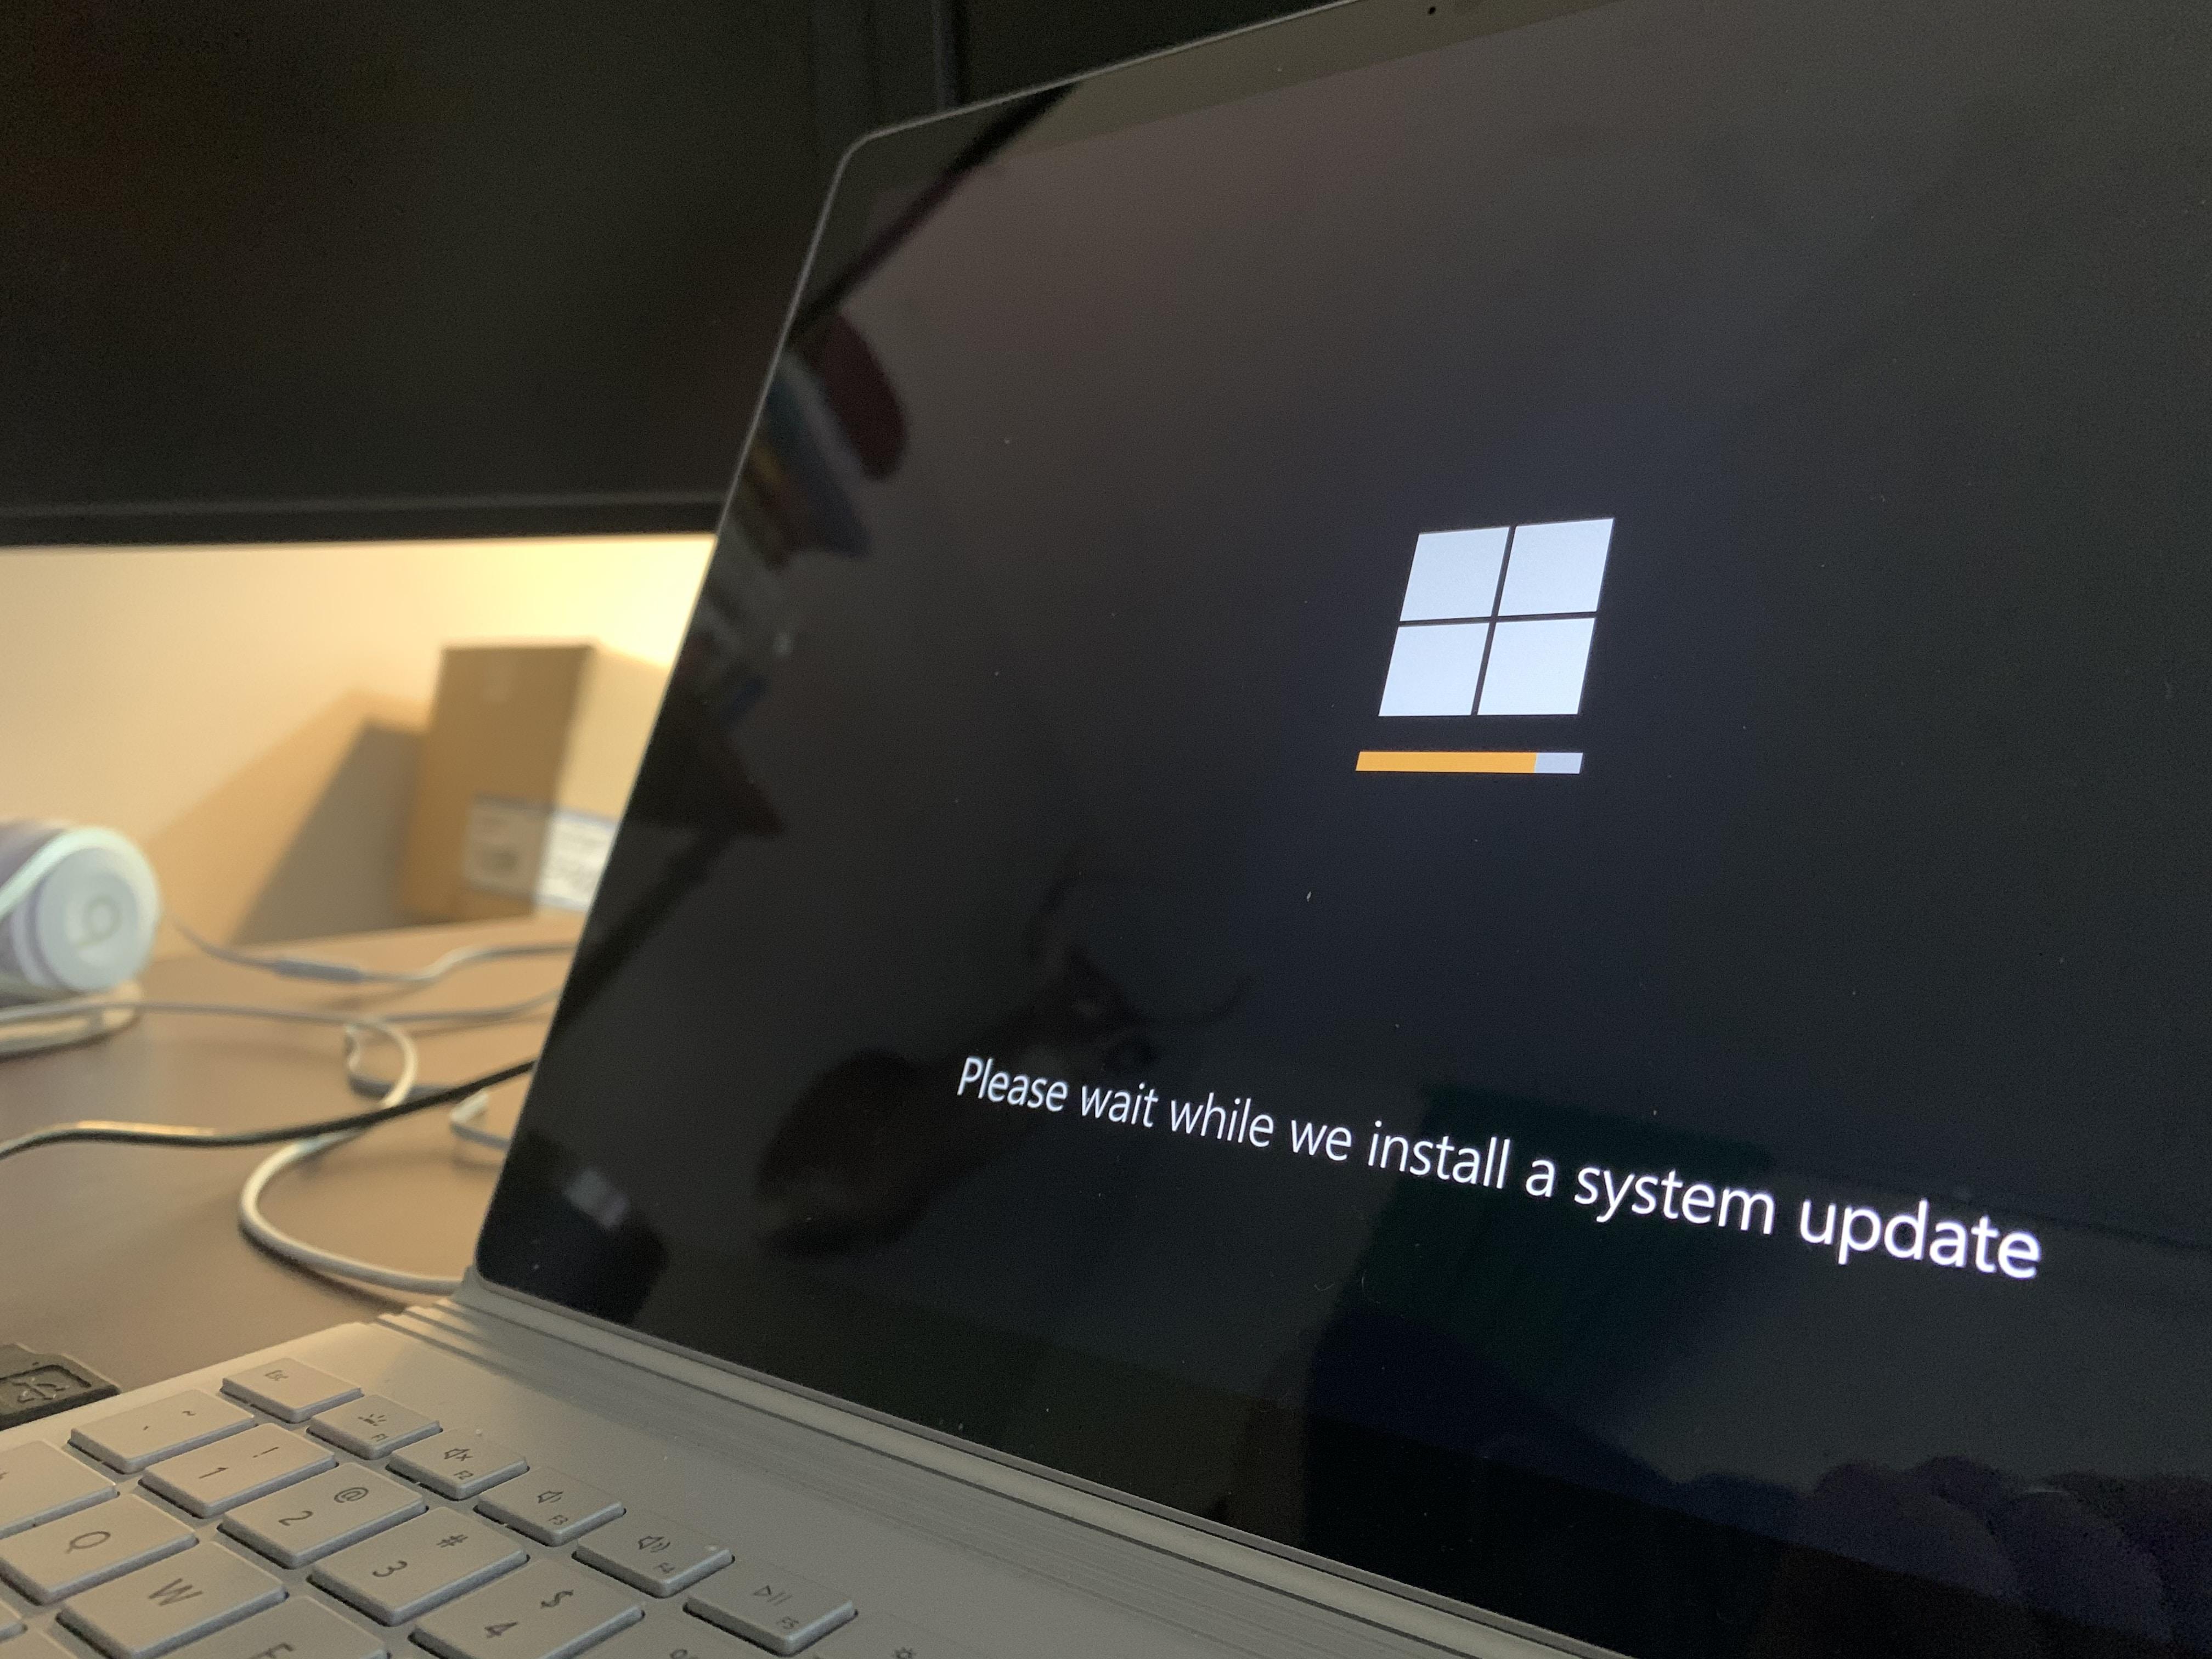 Microsoft Windows update screen